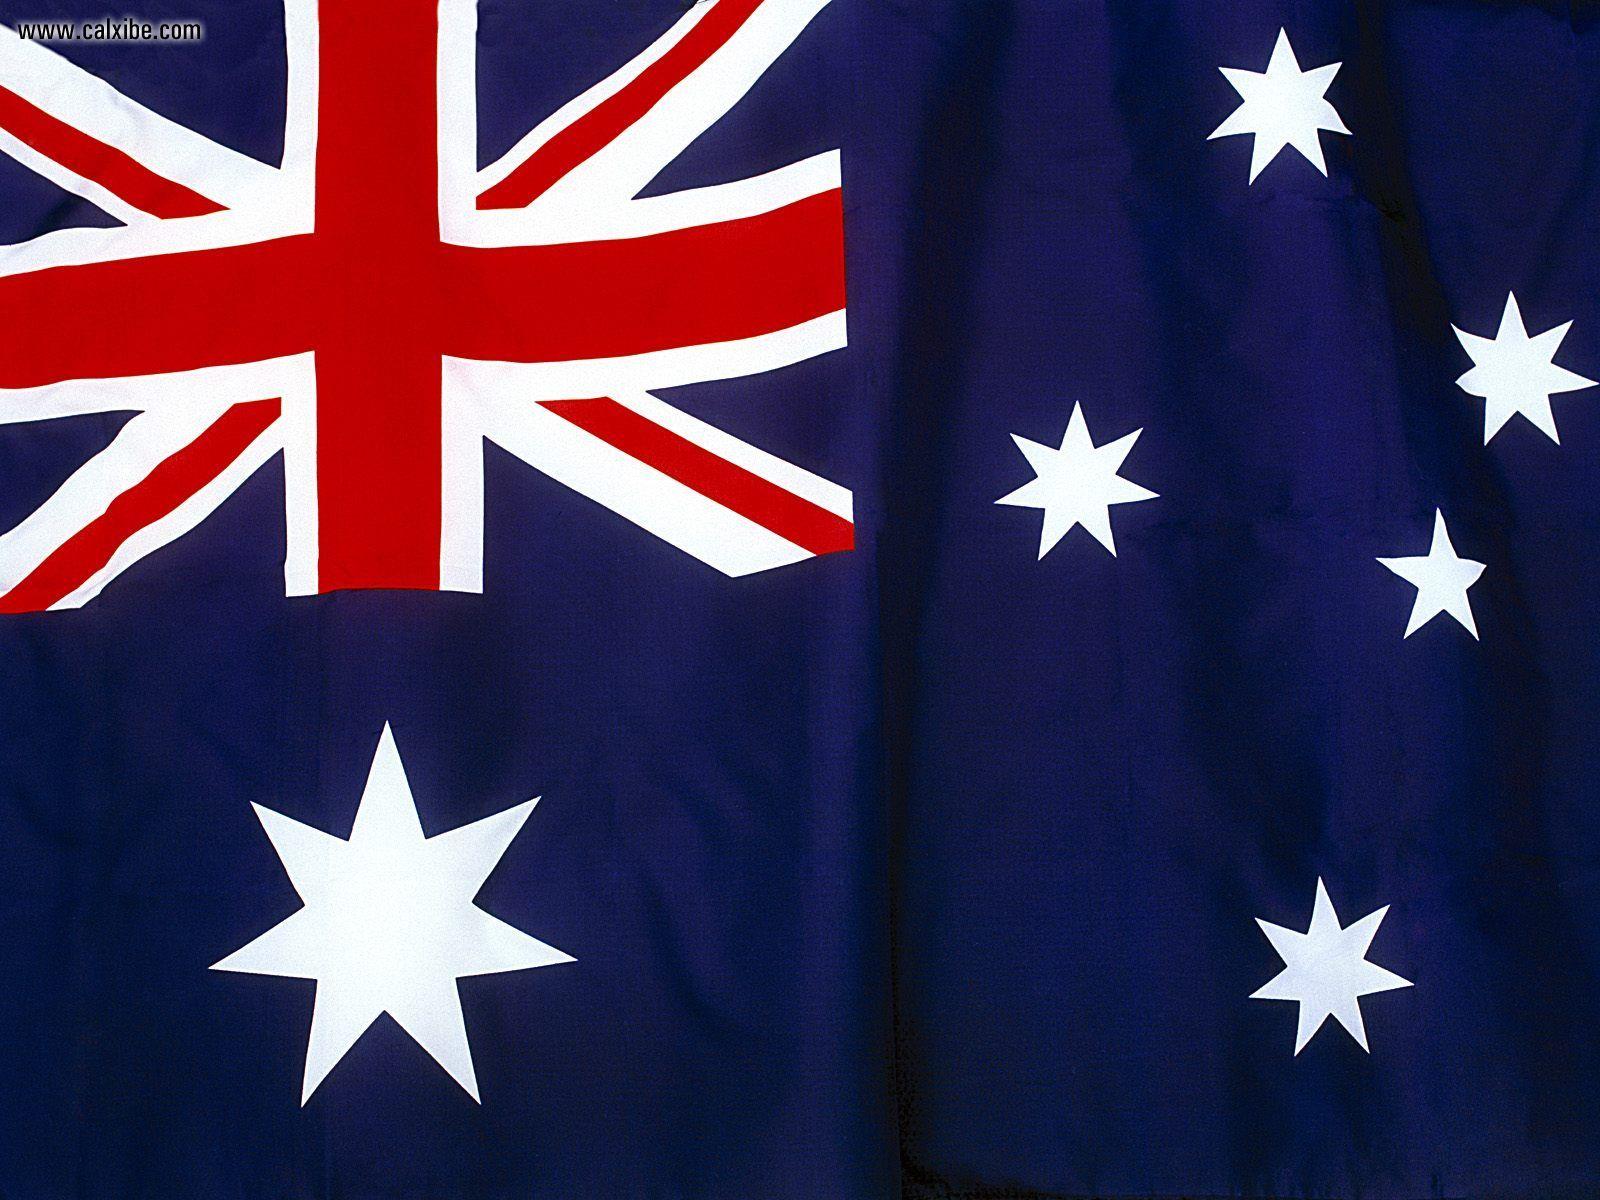 http://4.bp.blogspot.com/-Dlv5j6wY0l4/TcM_RQIzXzI/AAAAAAAAAig/C-l7H_4oKuM/s1600/Austrailian+Flag+Wallpaper+%25281%2529.jpg